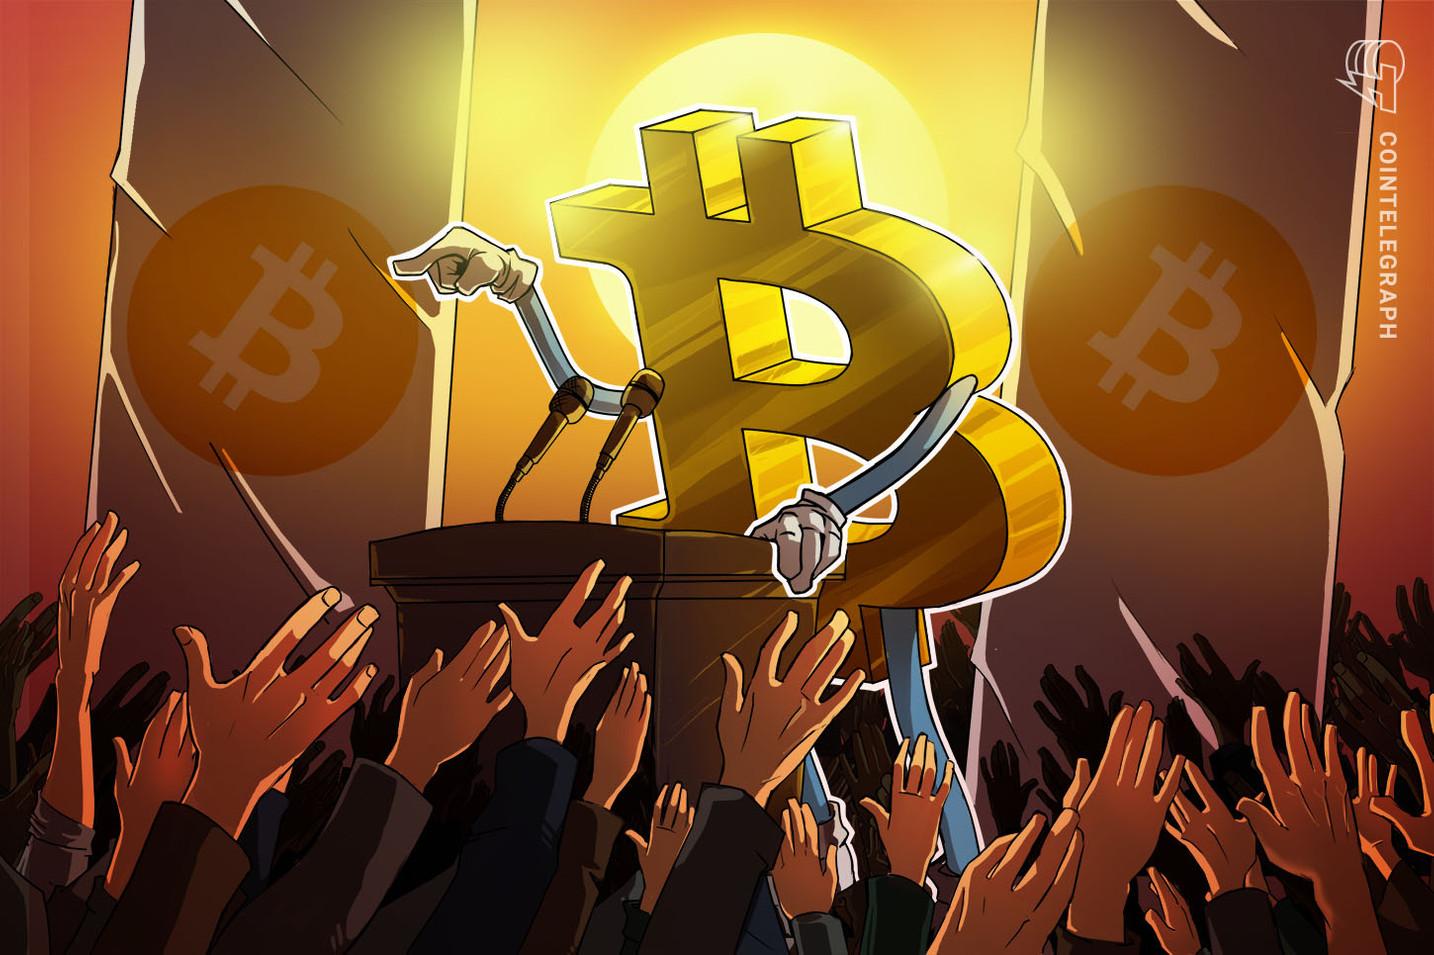 Izveštaj: Cena bitkoina skočila zbog njegovog sazrevanja kao imovine